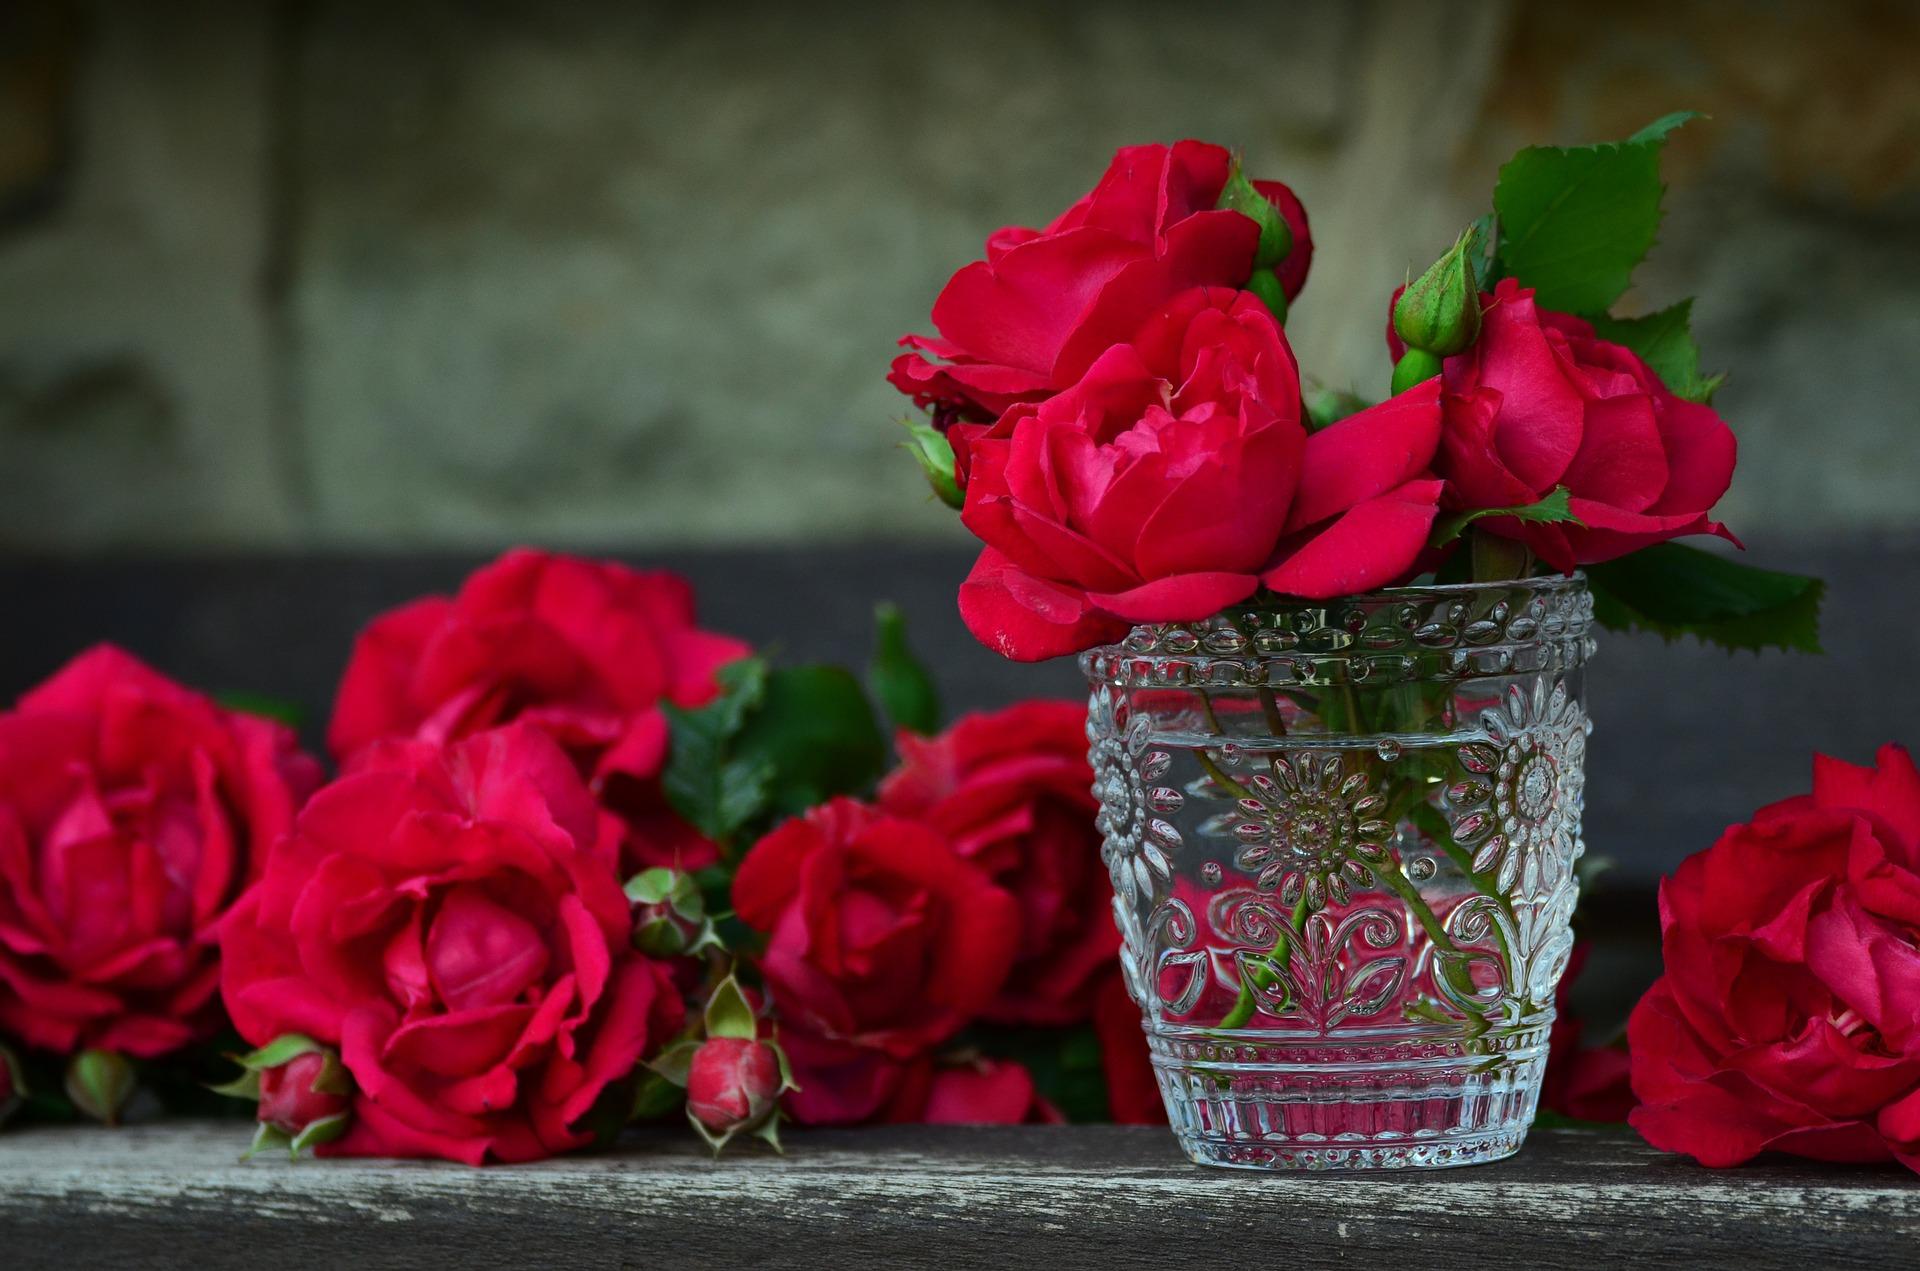 jak se starat o růže